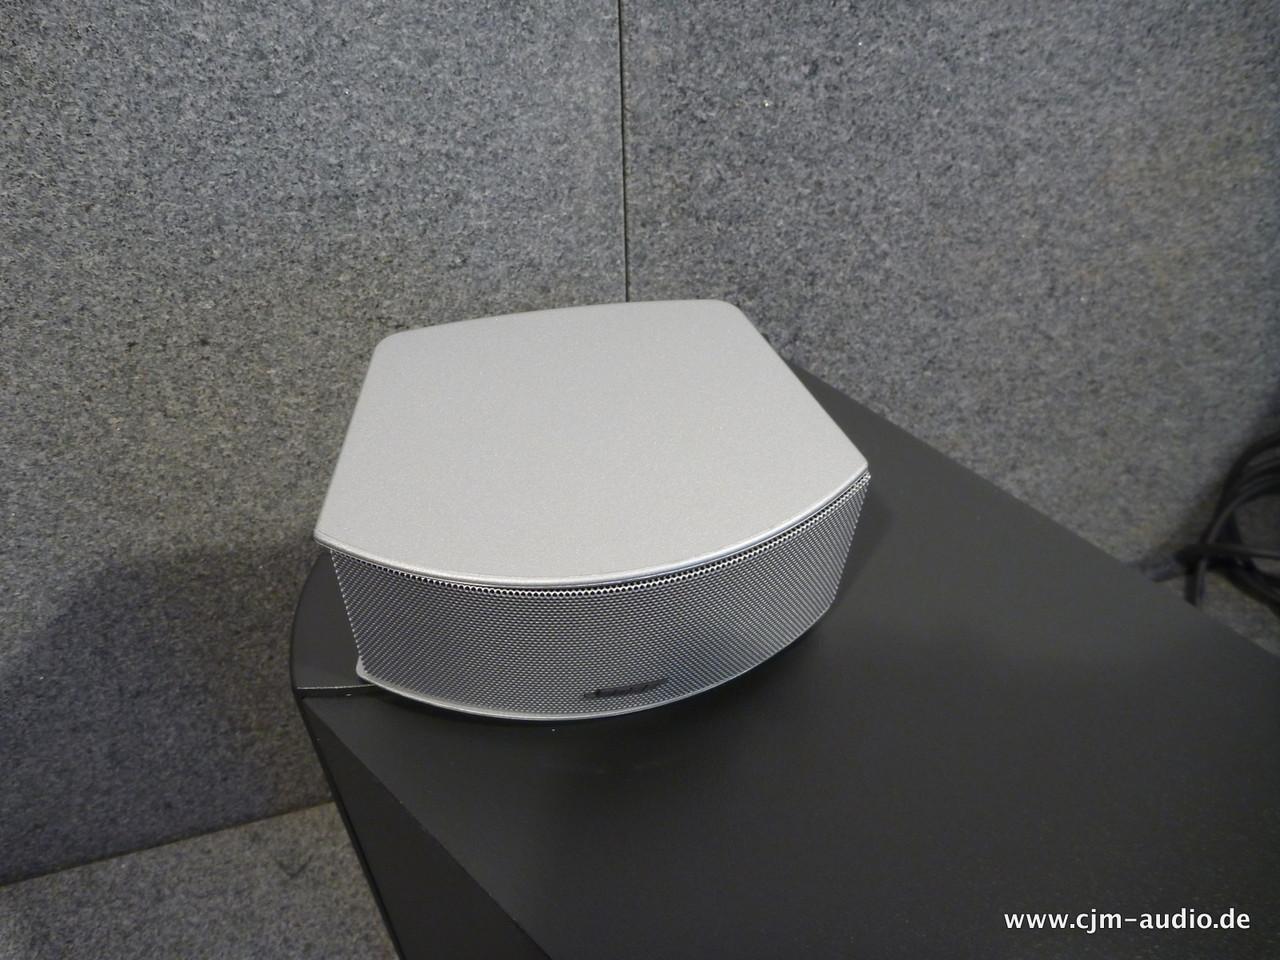 Bose - cjm-audio High End Audiomarkt für Gebrauchtgeräte